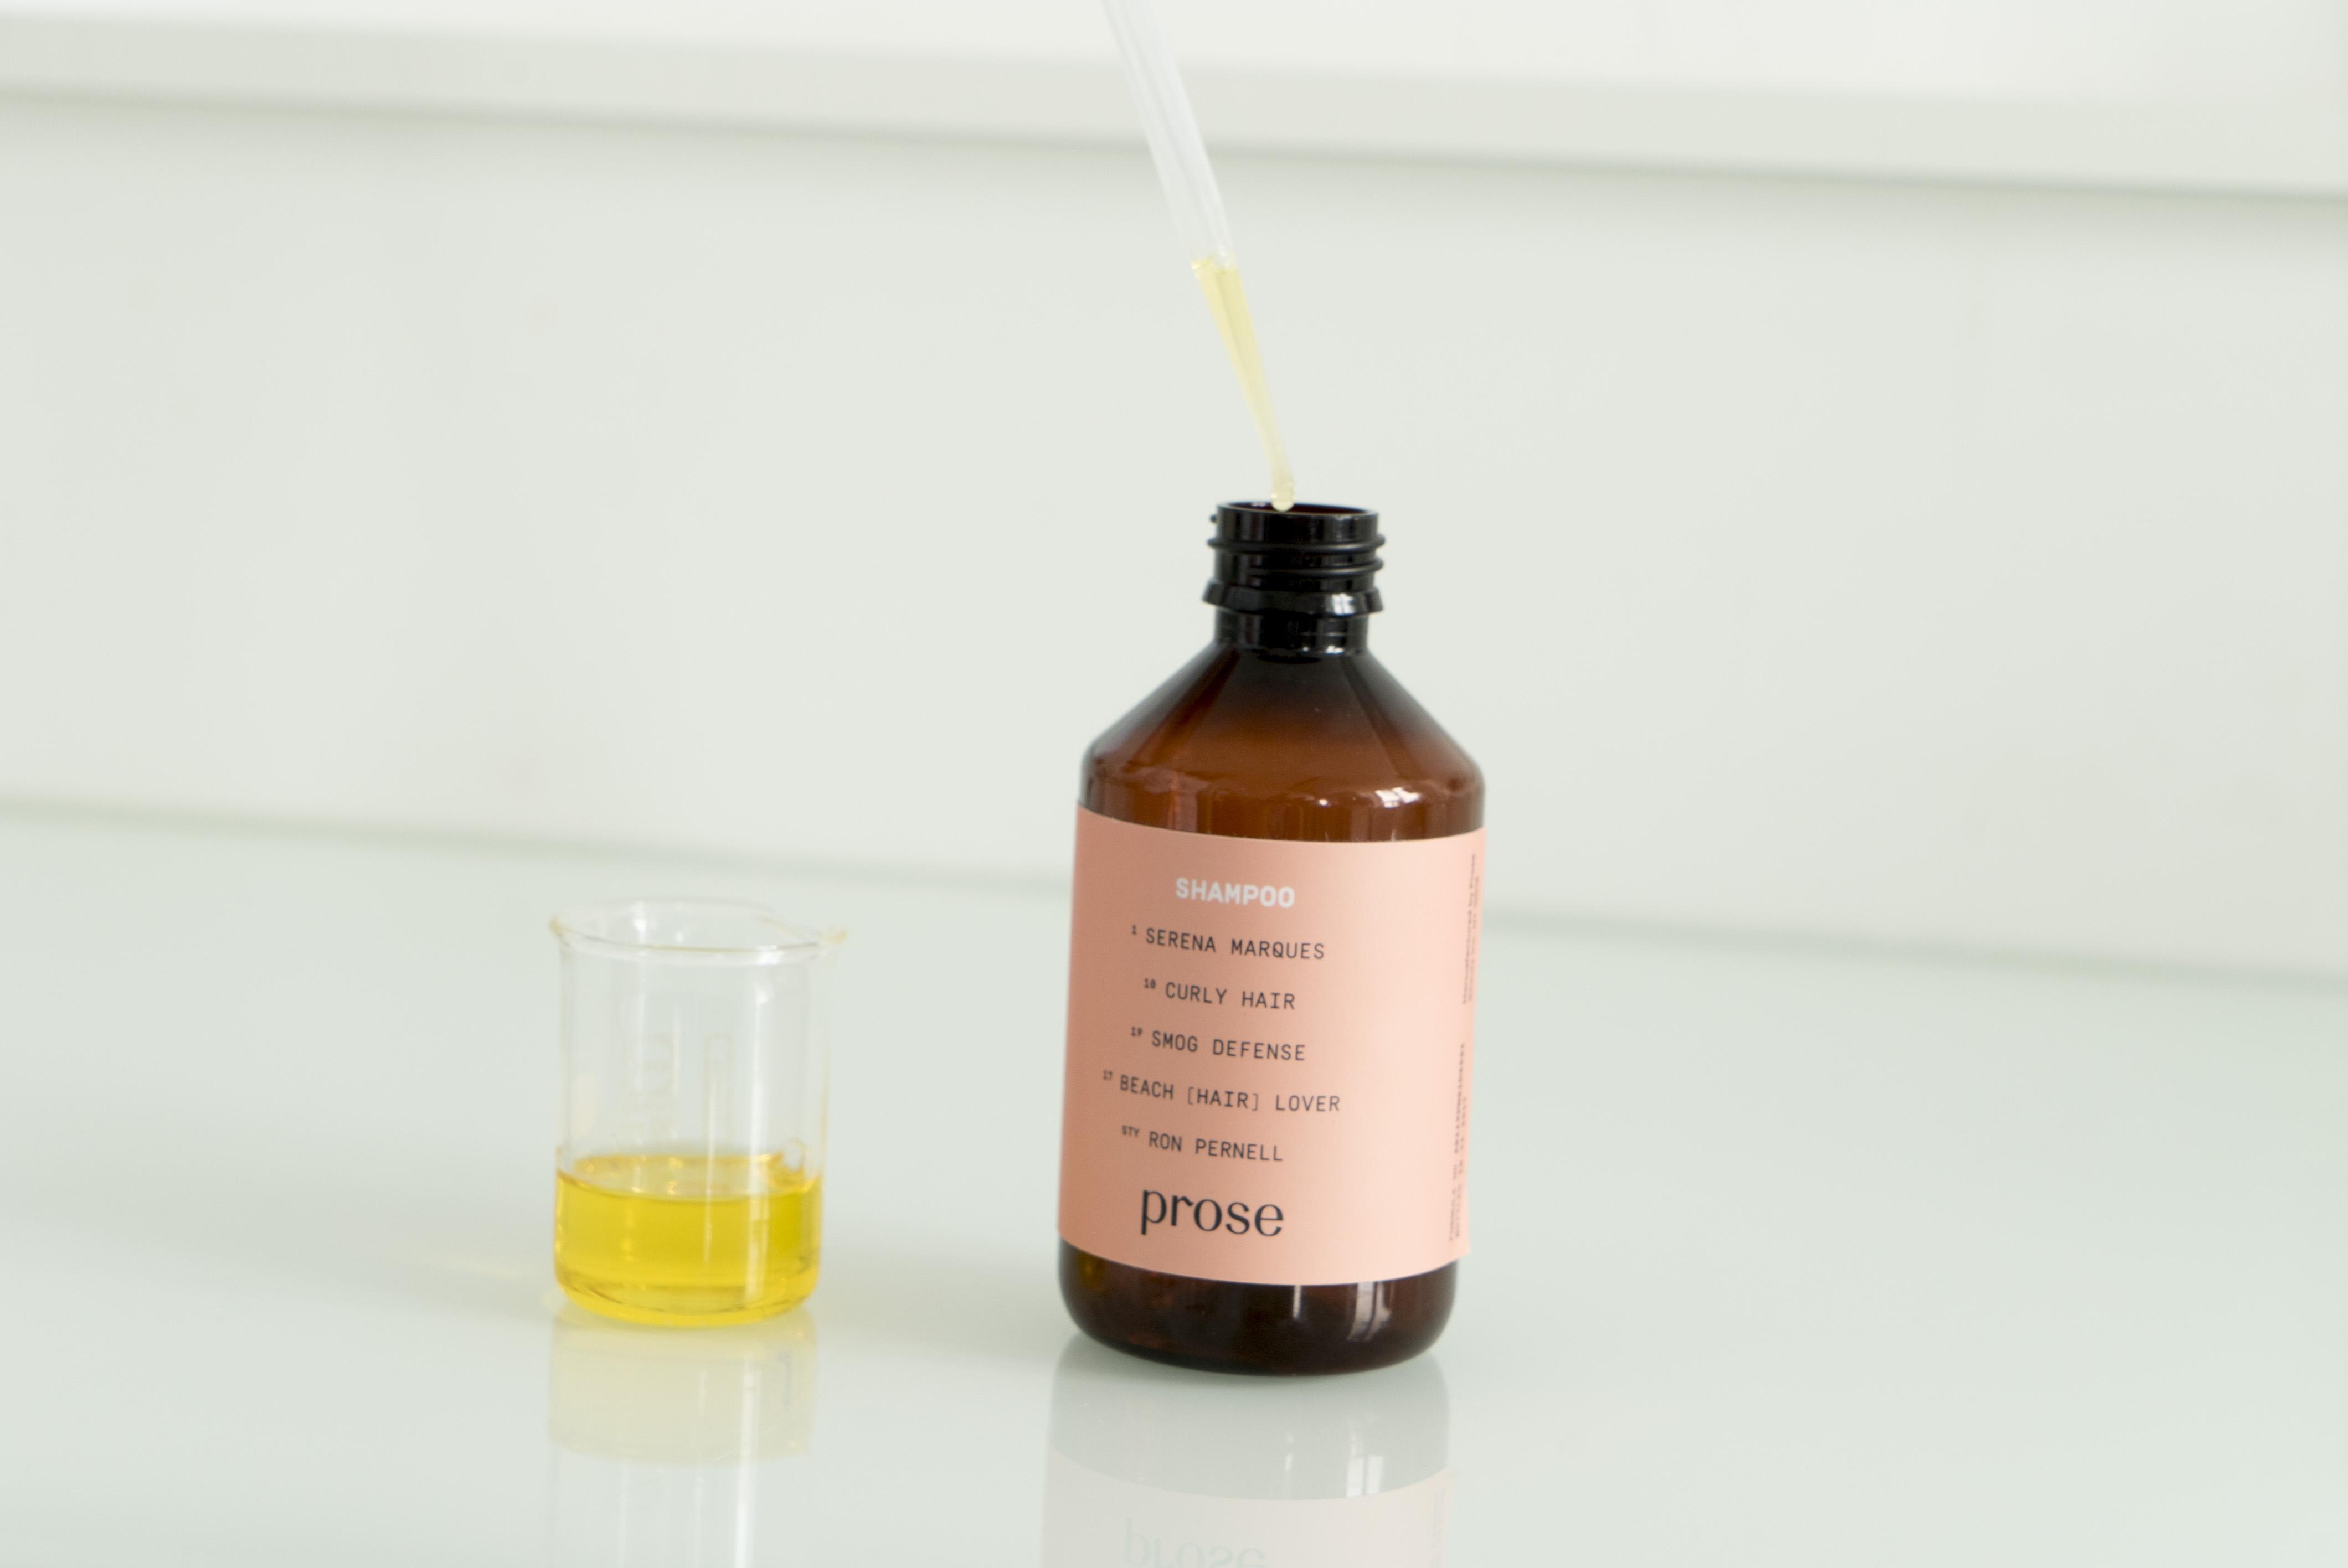 maracuja oil Prose hair care